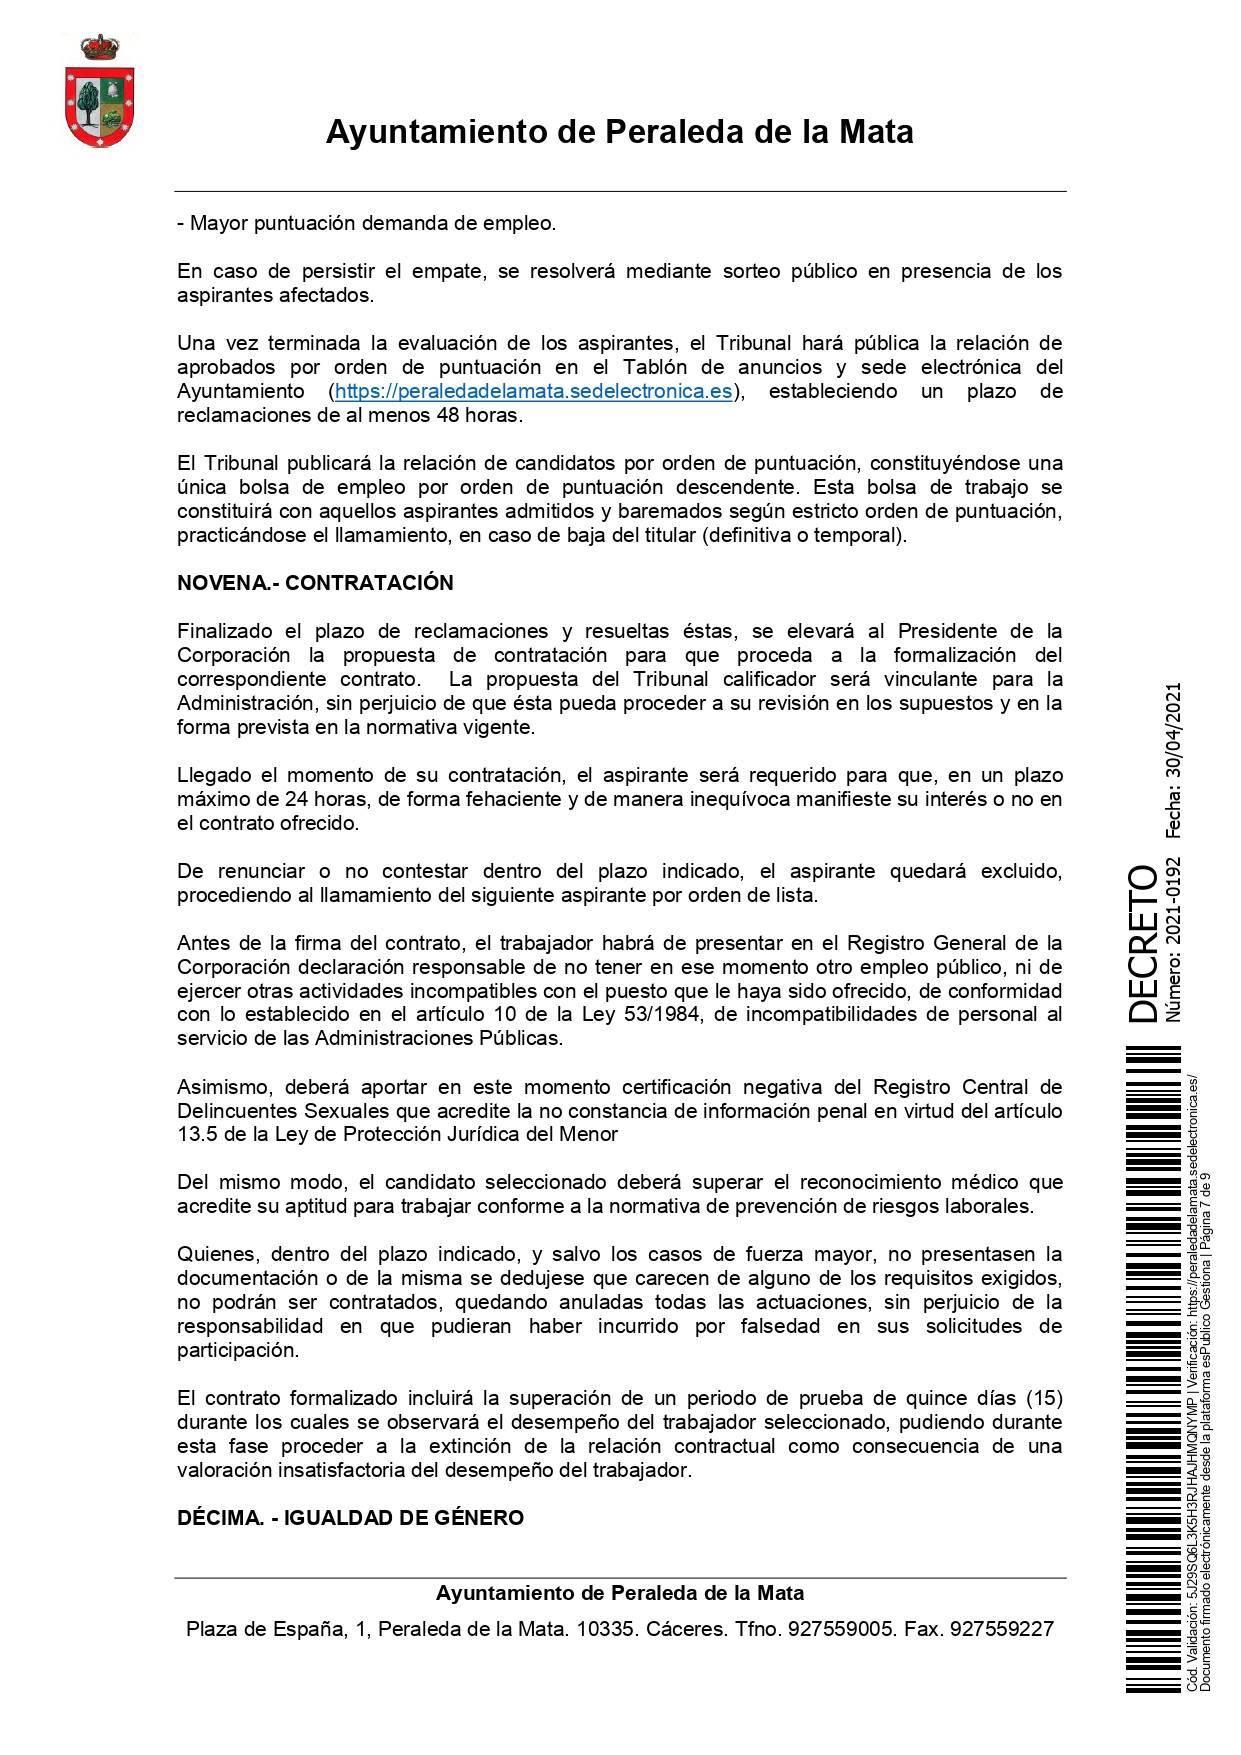 2 socorristas para la piscina municipal (2021) - Peraleda de la Mata (Cáceres) 7